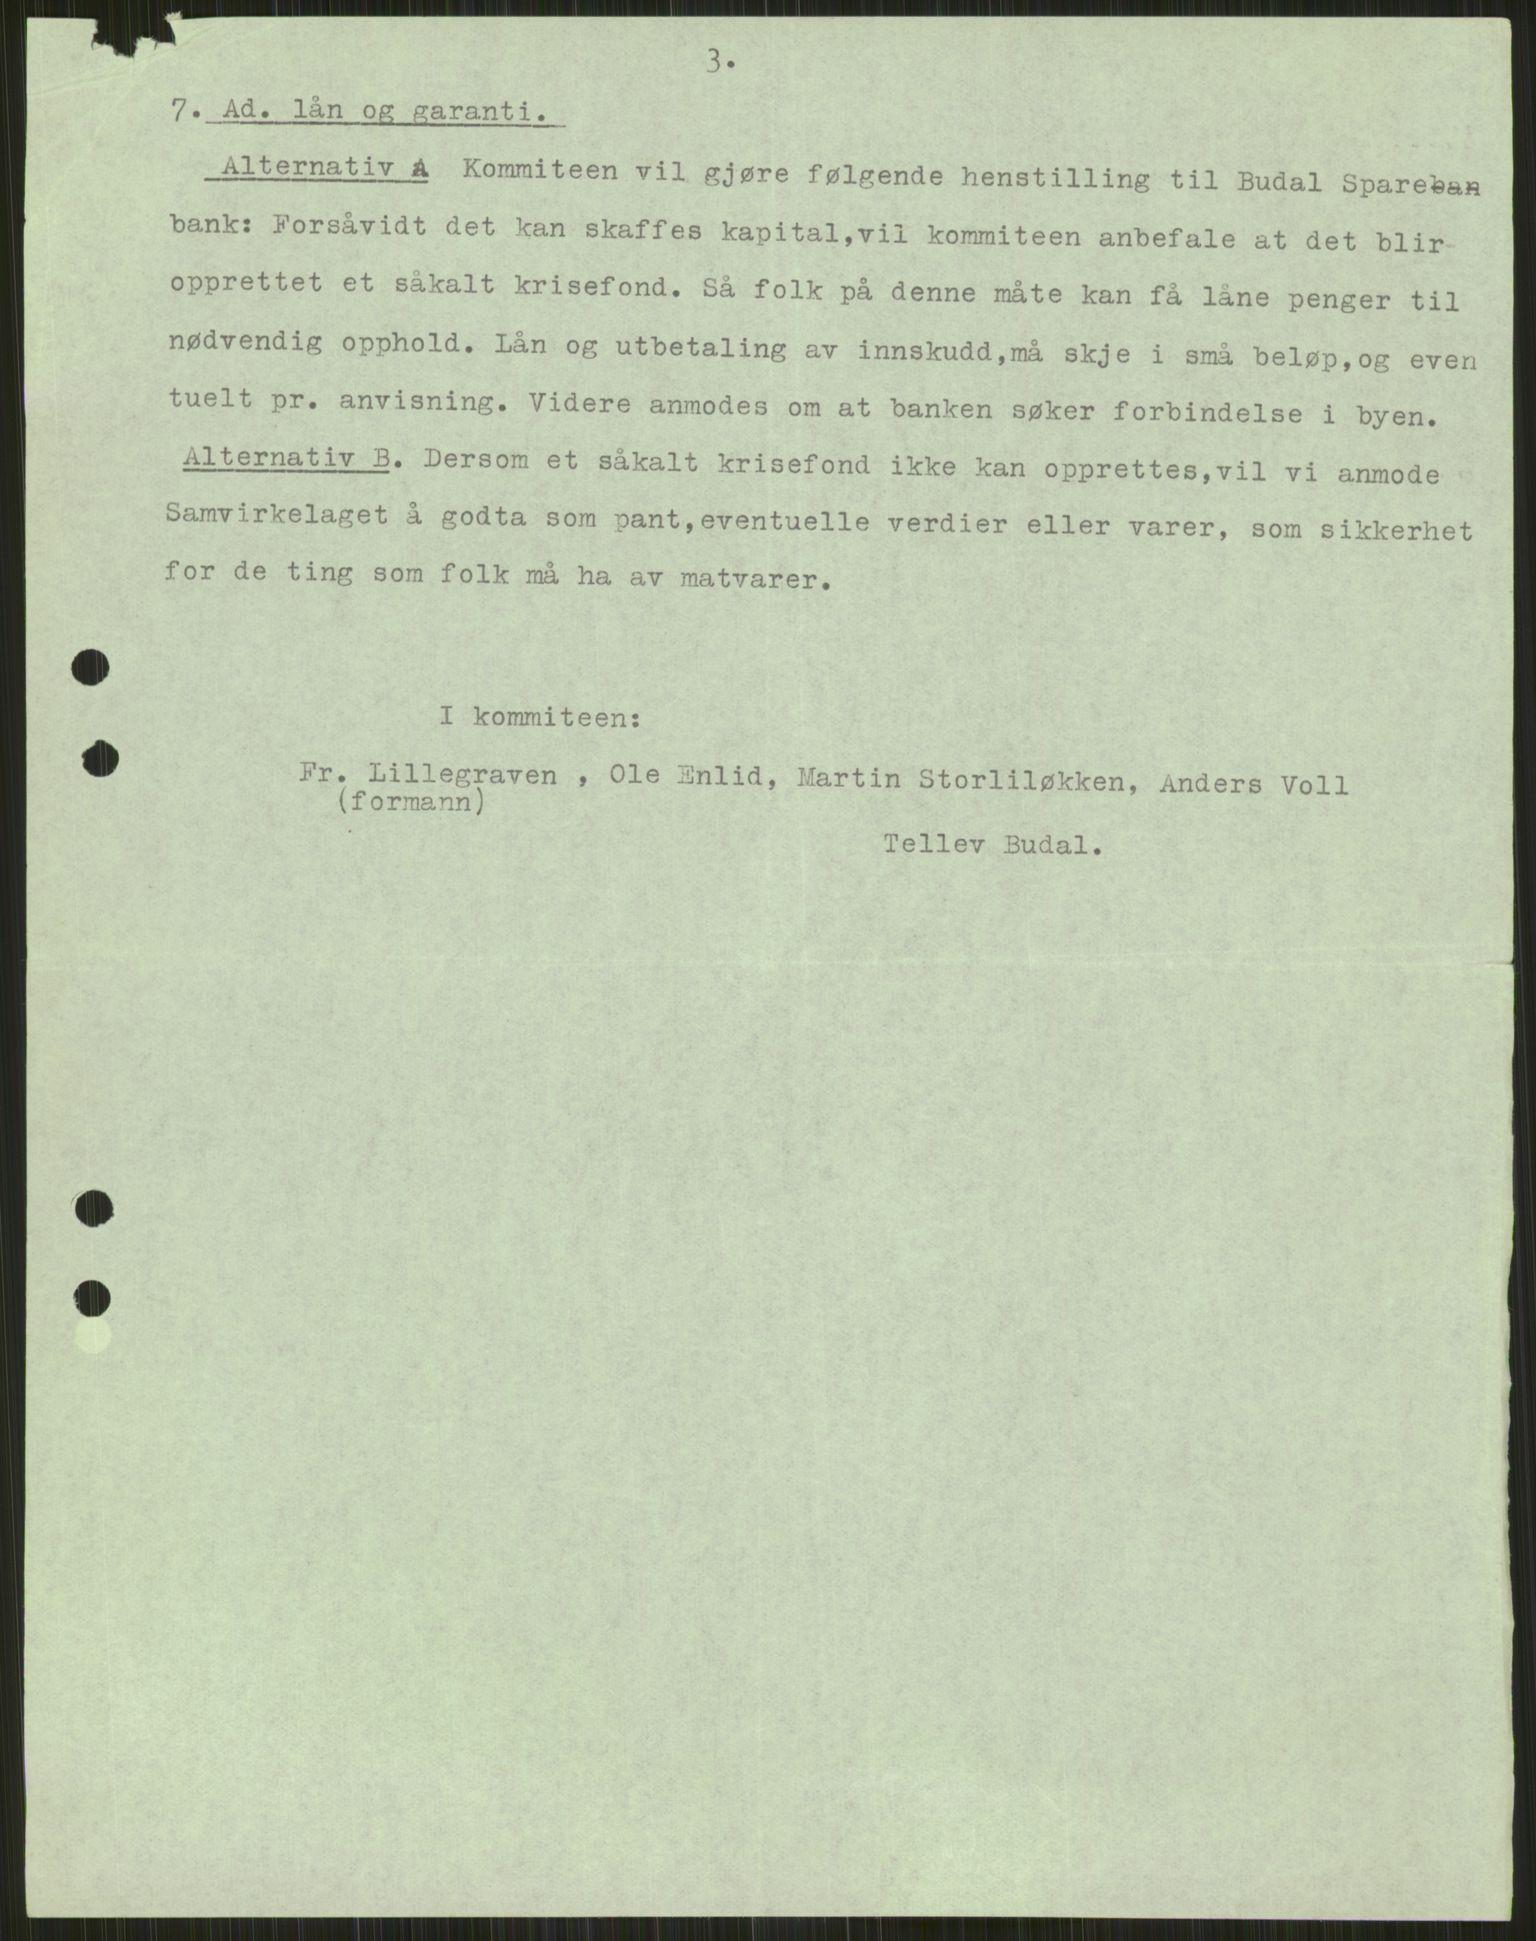 RA, Forsvaret, Forsvarets krigshistoriske avdeling, Y/Ya/L0016: II-C-11-31 - Fylkesmenn.  Rapporter om krigsbegivenhetene 1940., 1940, s. 152